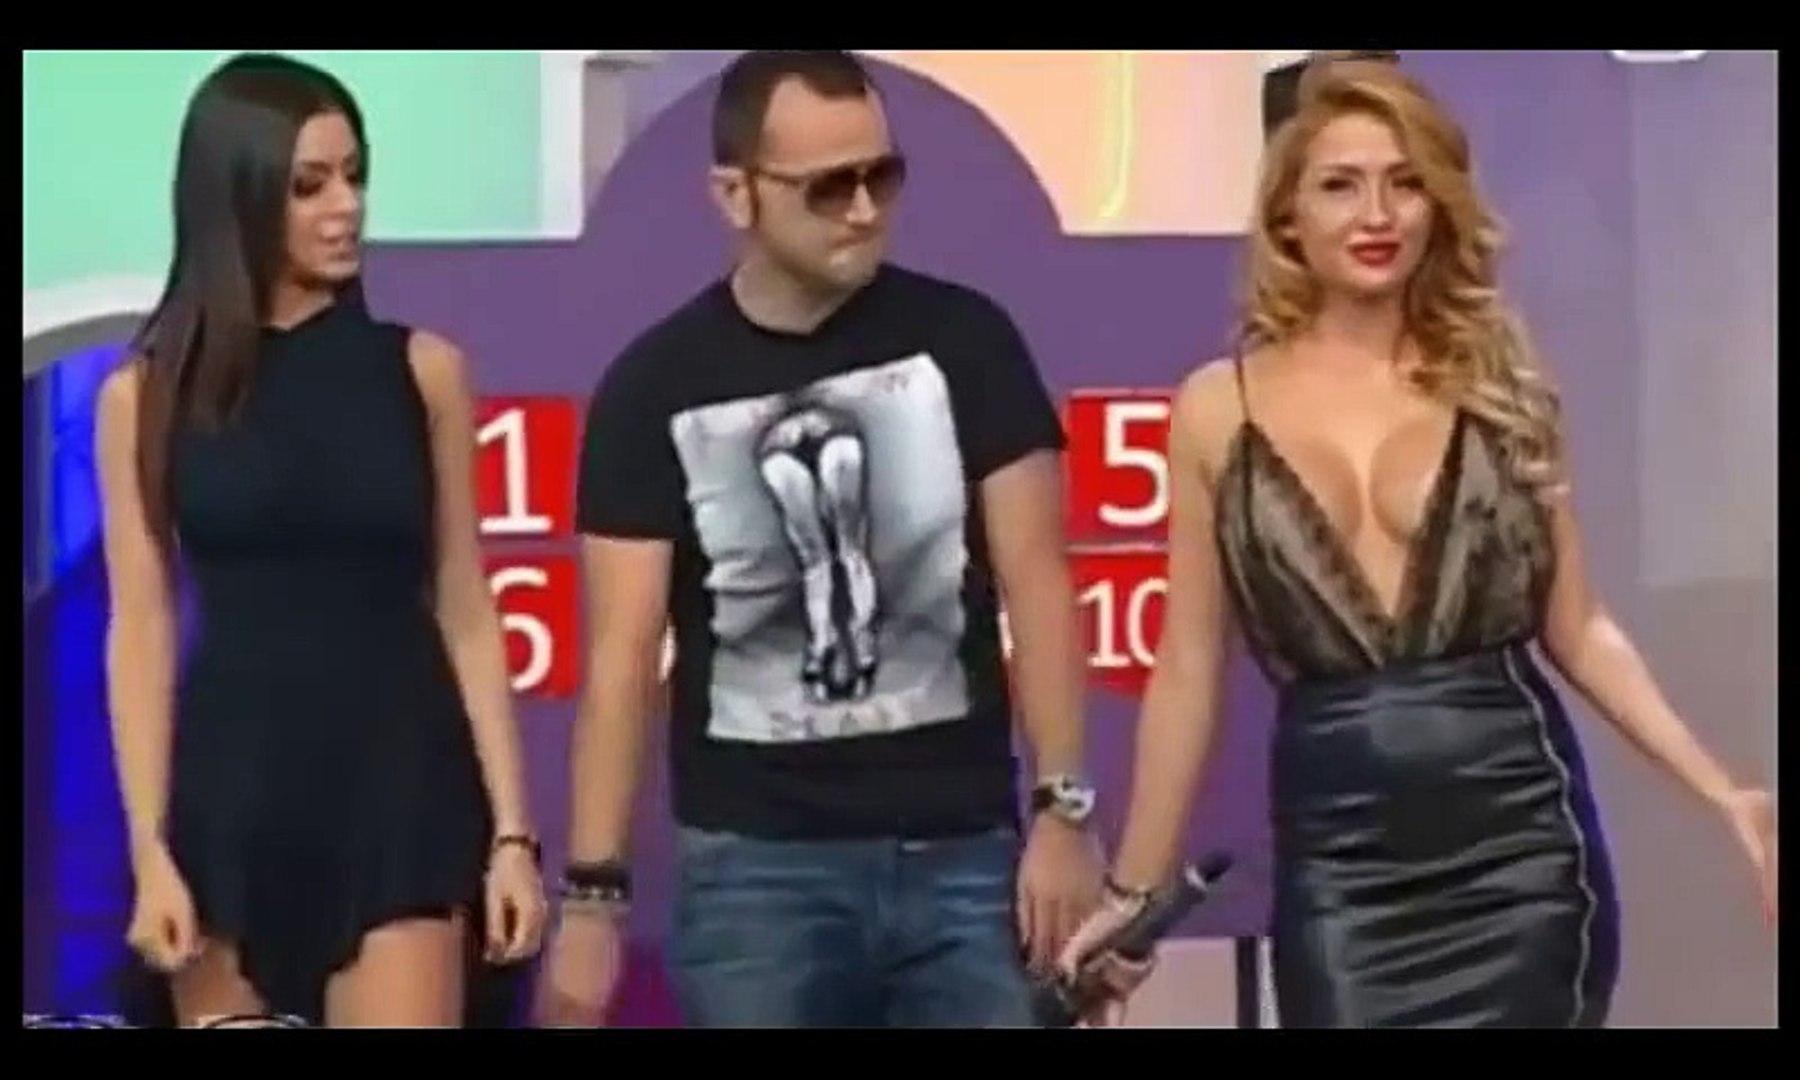 Nip Slip Tv Show